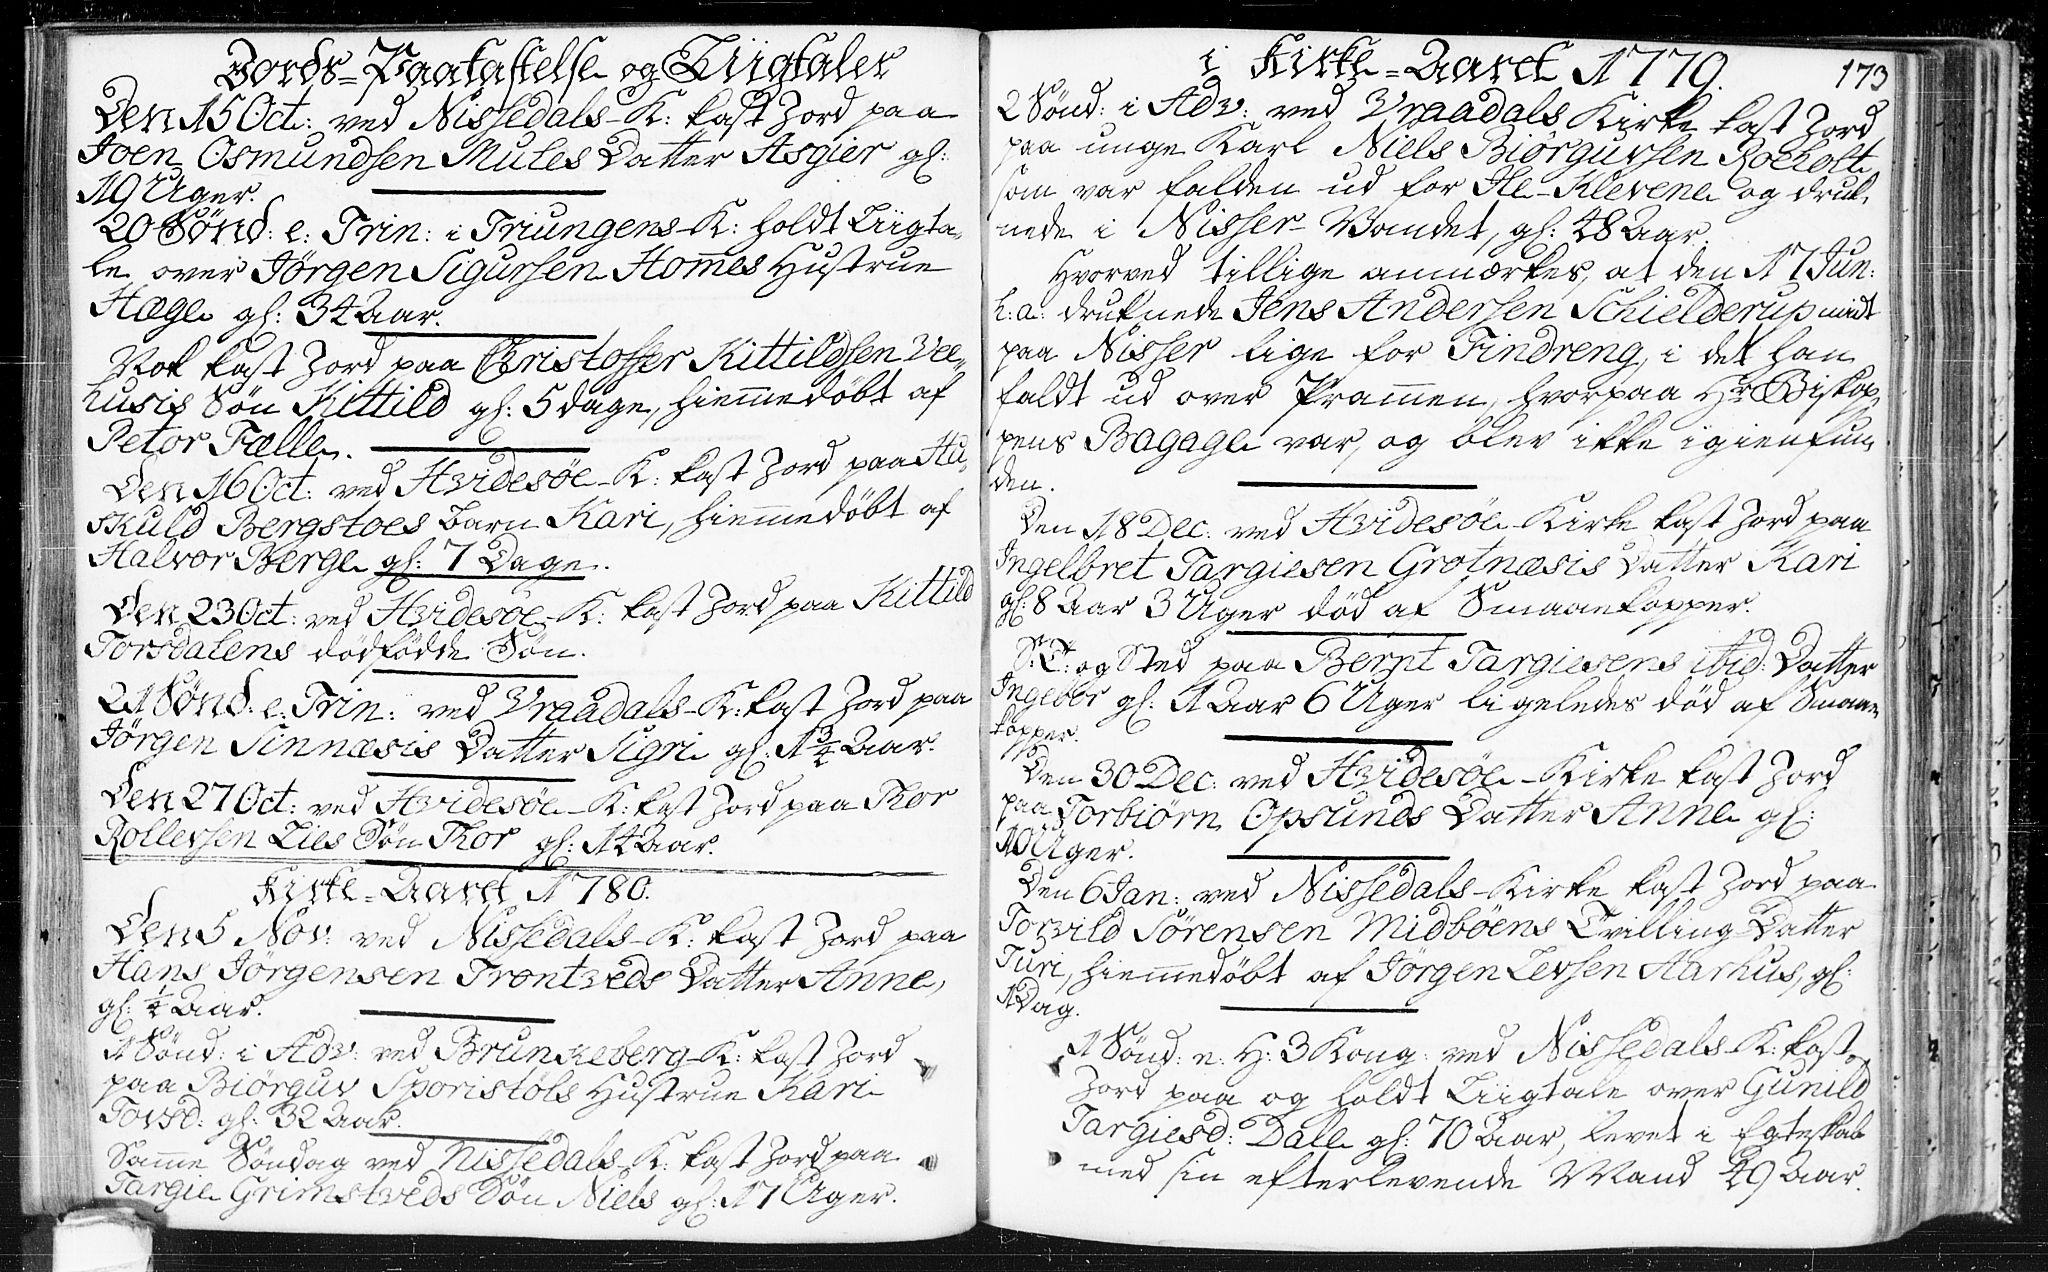 SAKO, Kviteseid kirkebøker, F/Fa/L0002: Ministerialbok nr. I 2, 1773-1786, s. 173